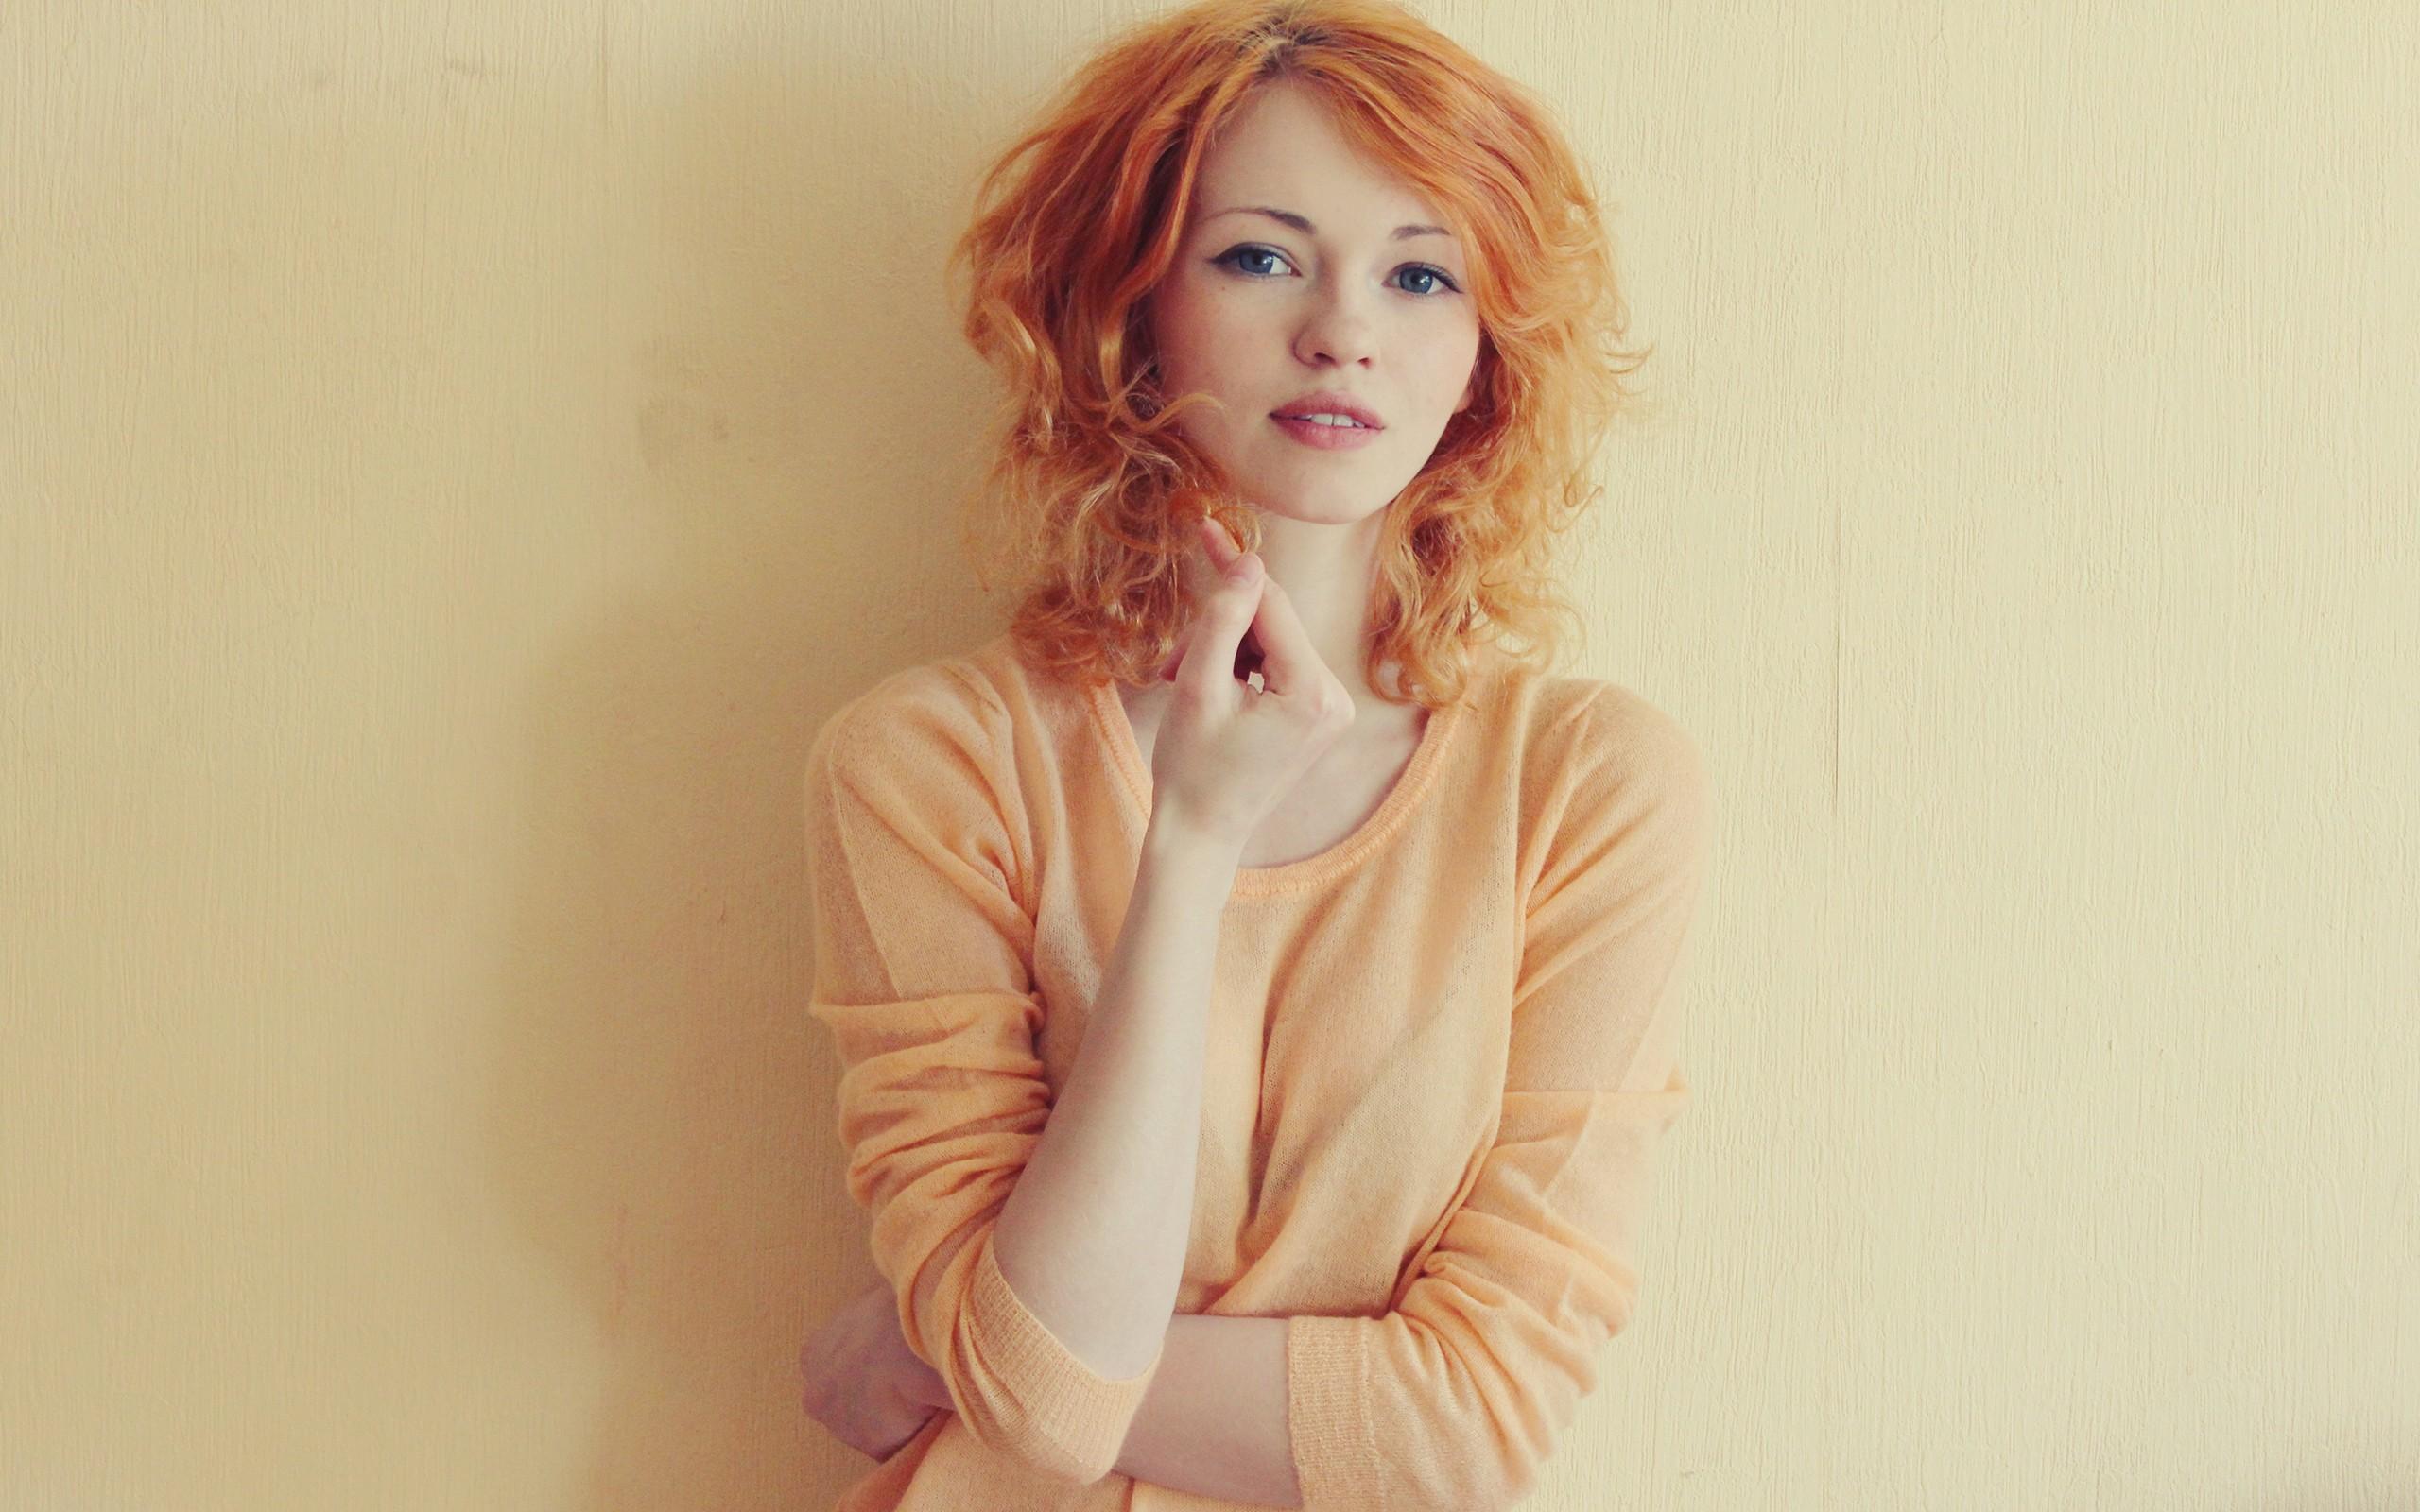 Hot Redhead Woman Blue Eyes